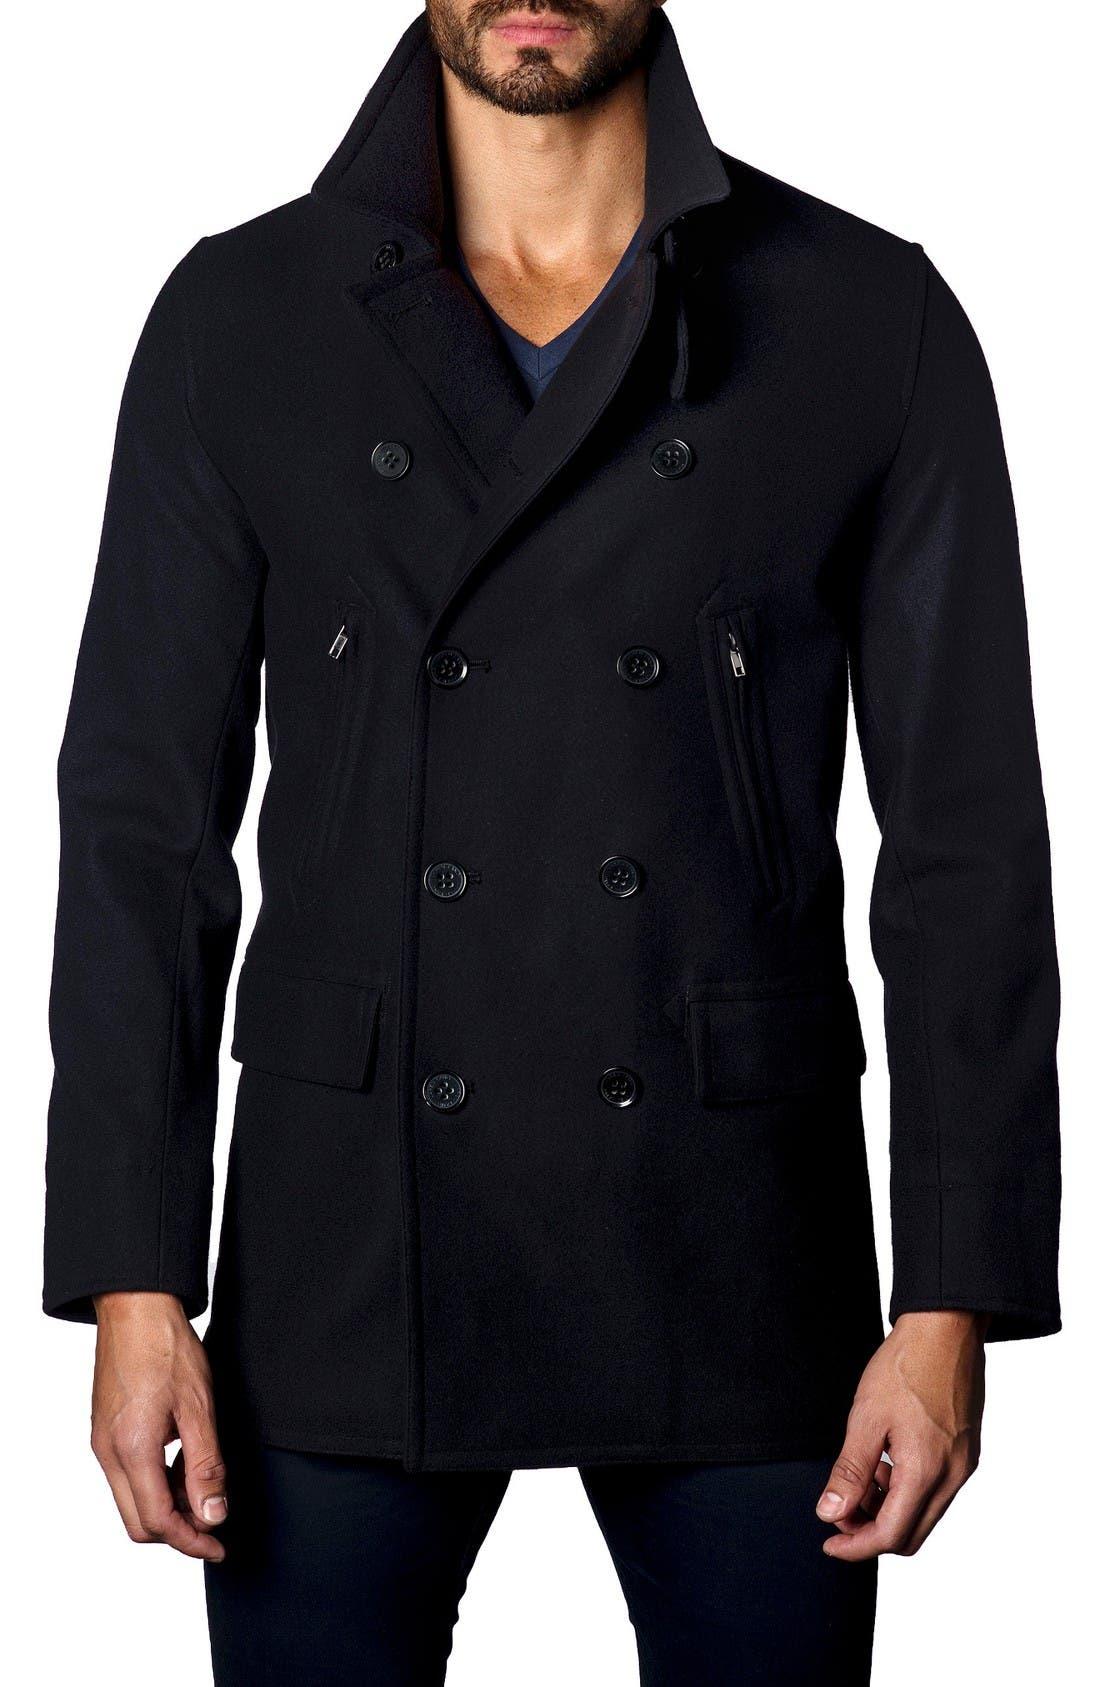 Mens jacket names - Mens Jacket Names 28